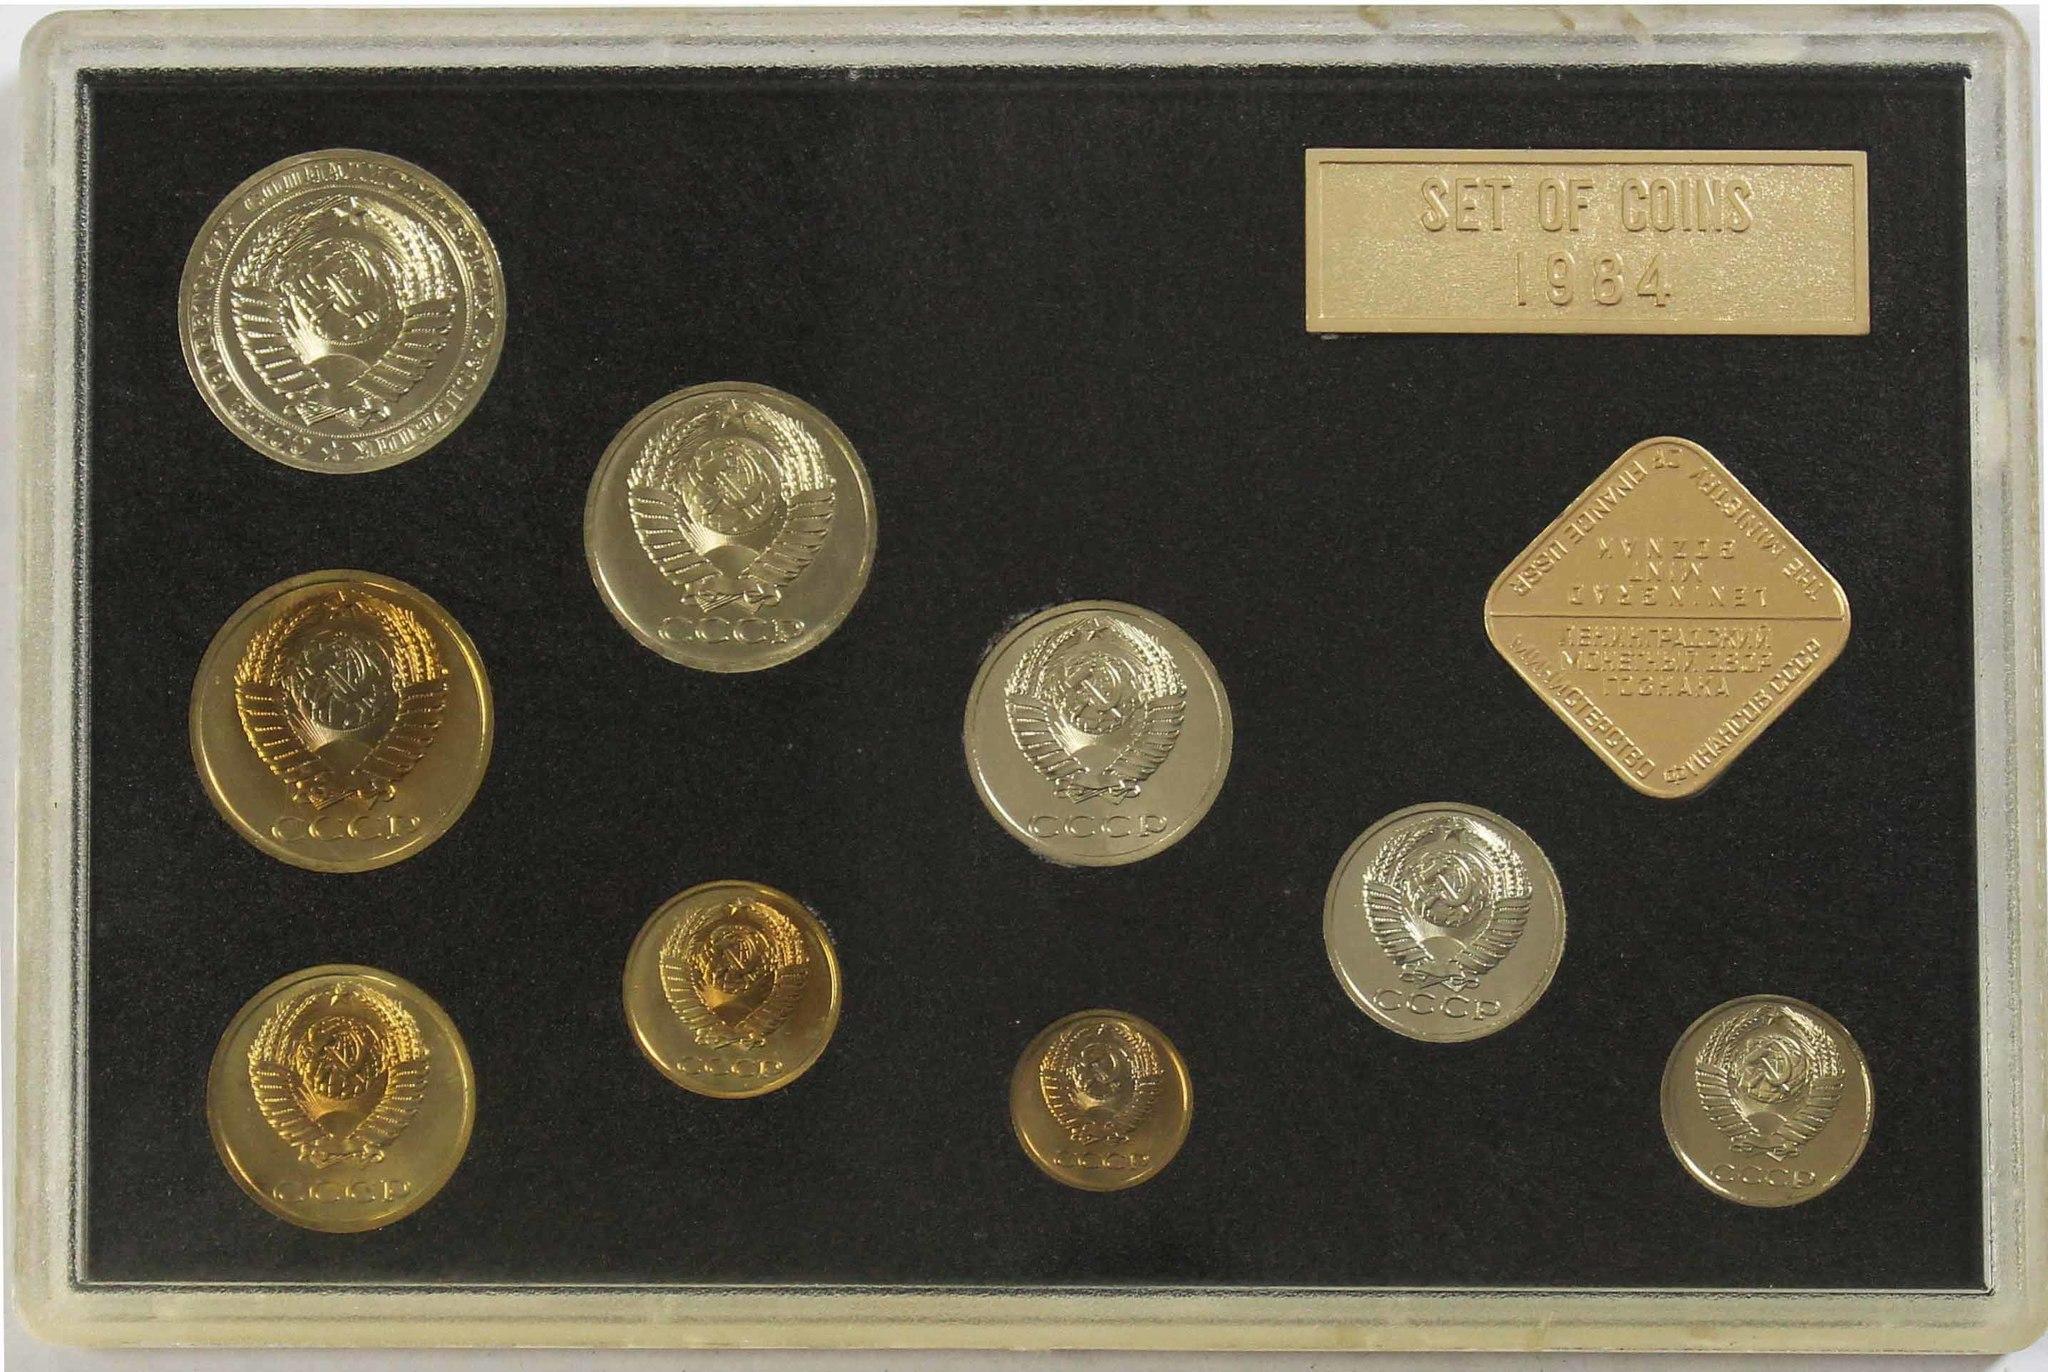 Набор регулярных монет СССР 1984 года ЛМД (с жетоном) твердый.